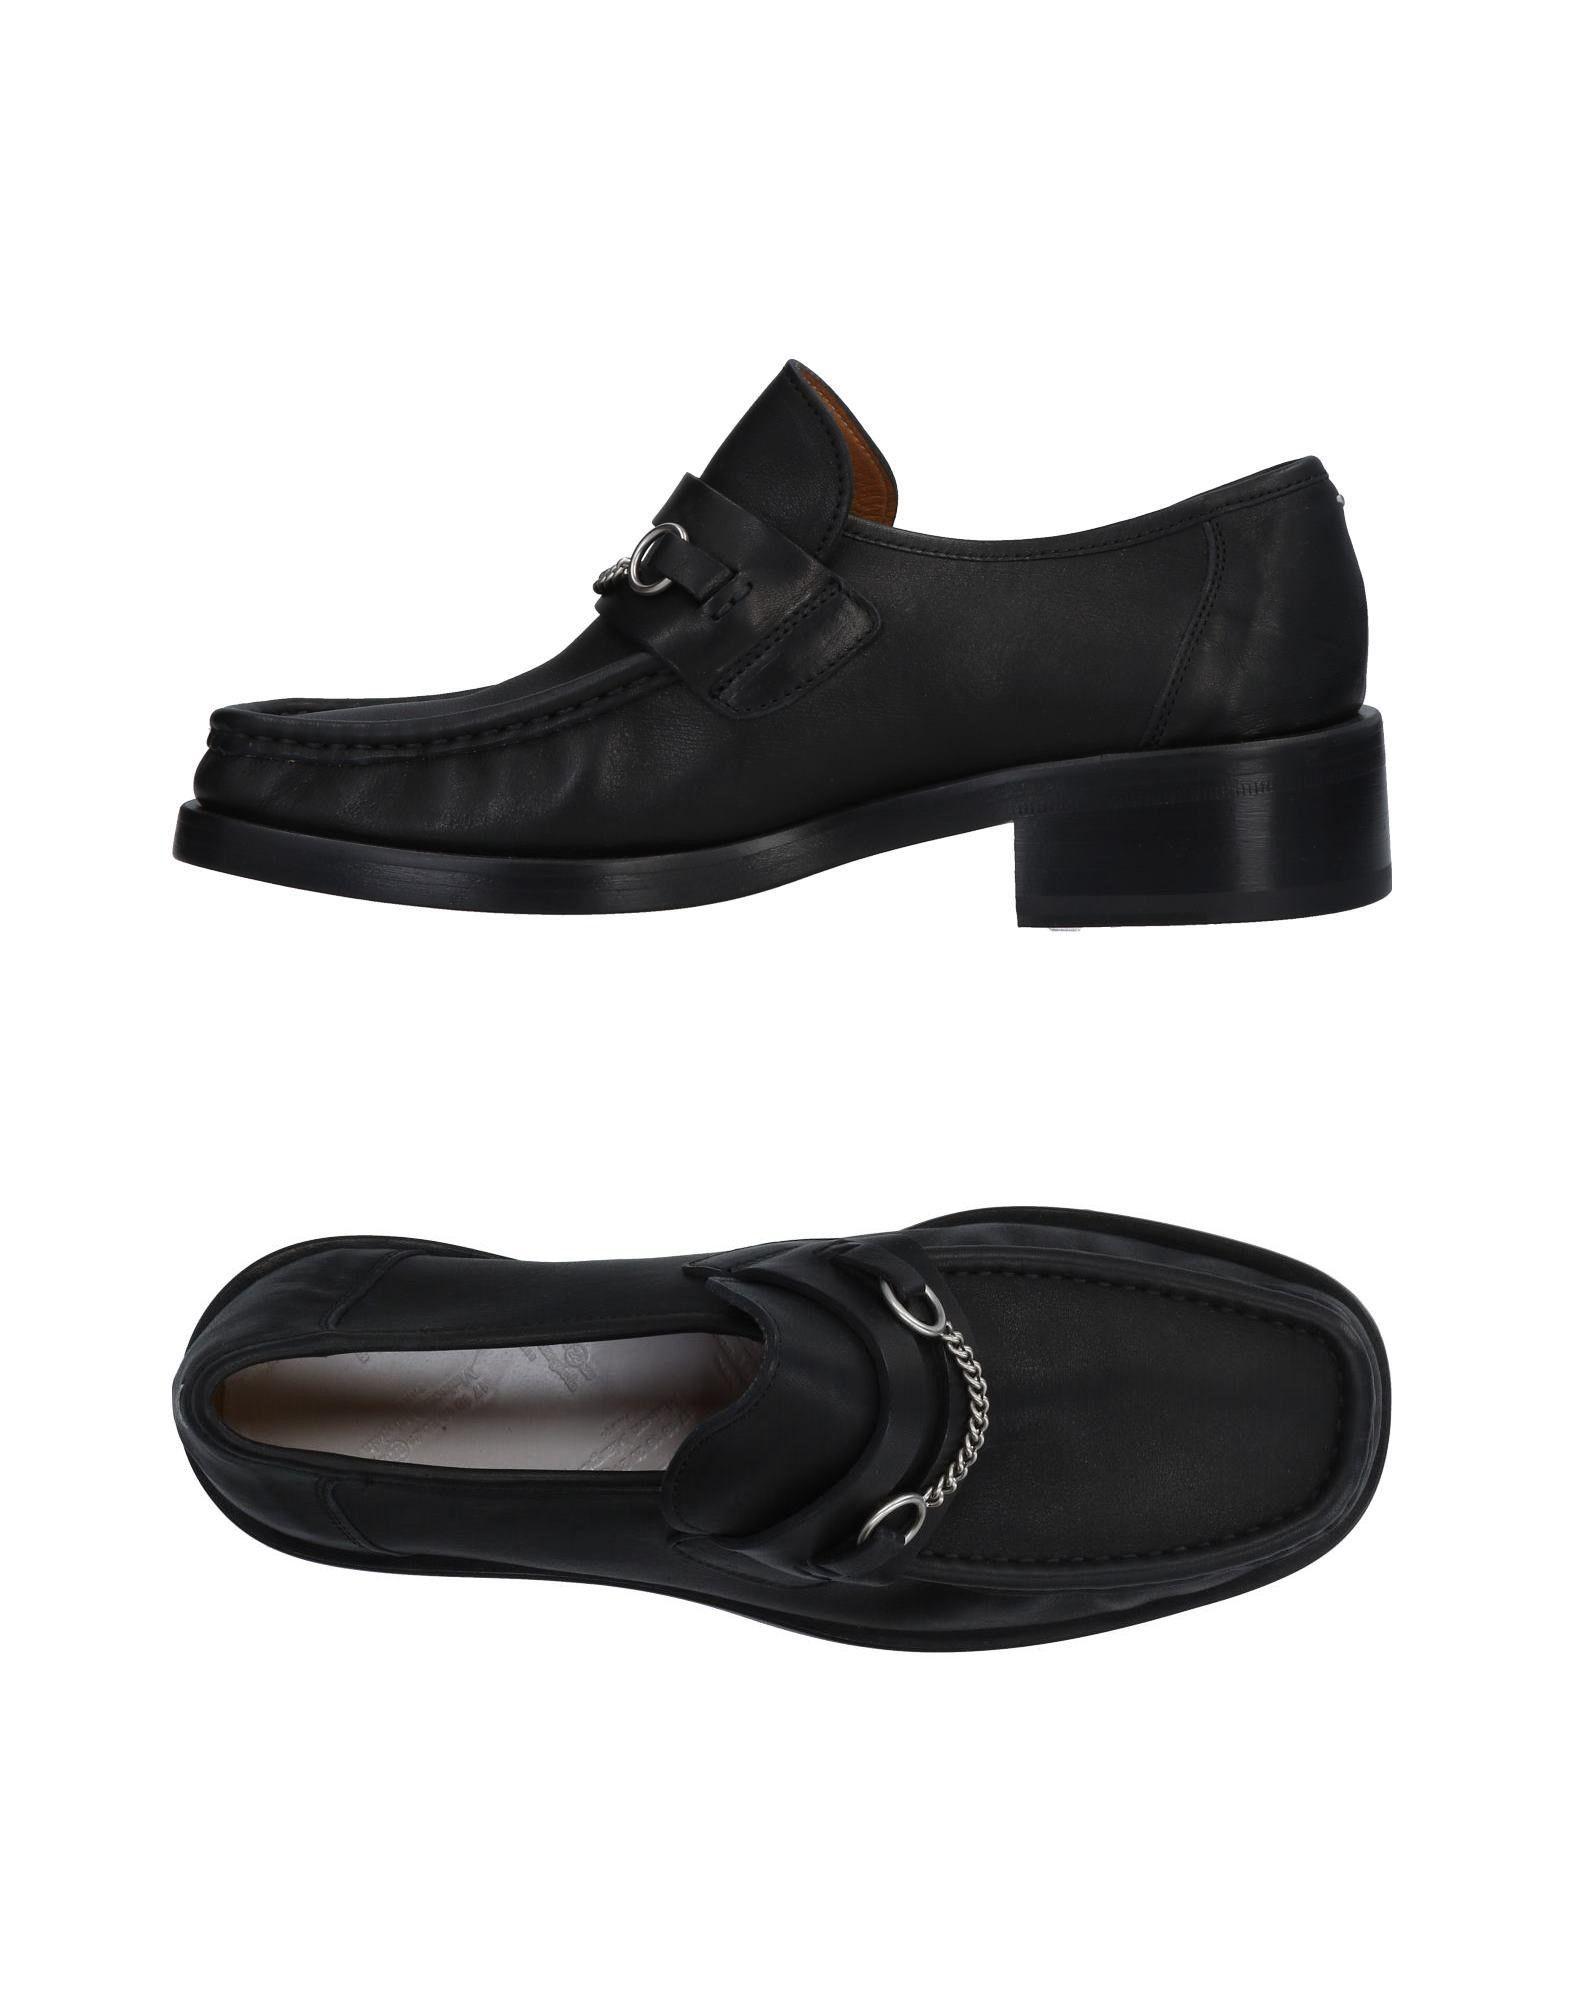 Sneakers Barracuda Uomo - 11532094RO moda Scarpe economiche e alla moda 11532094RO 0c8d5b